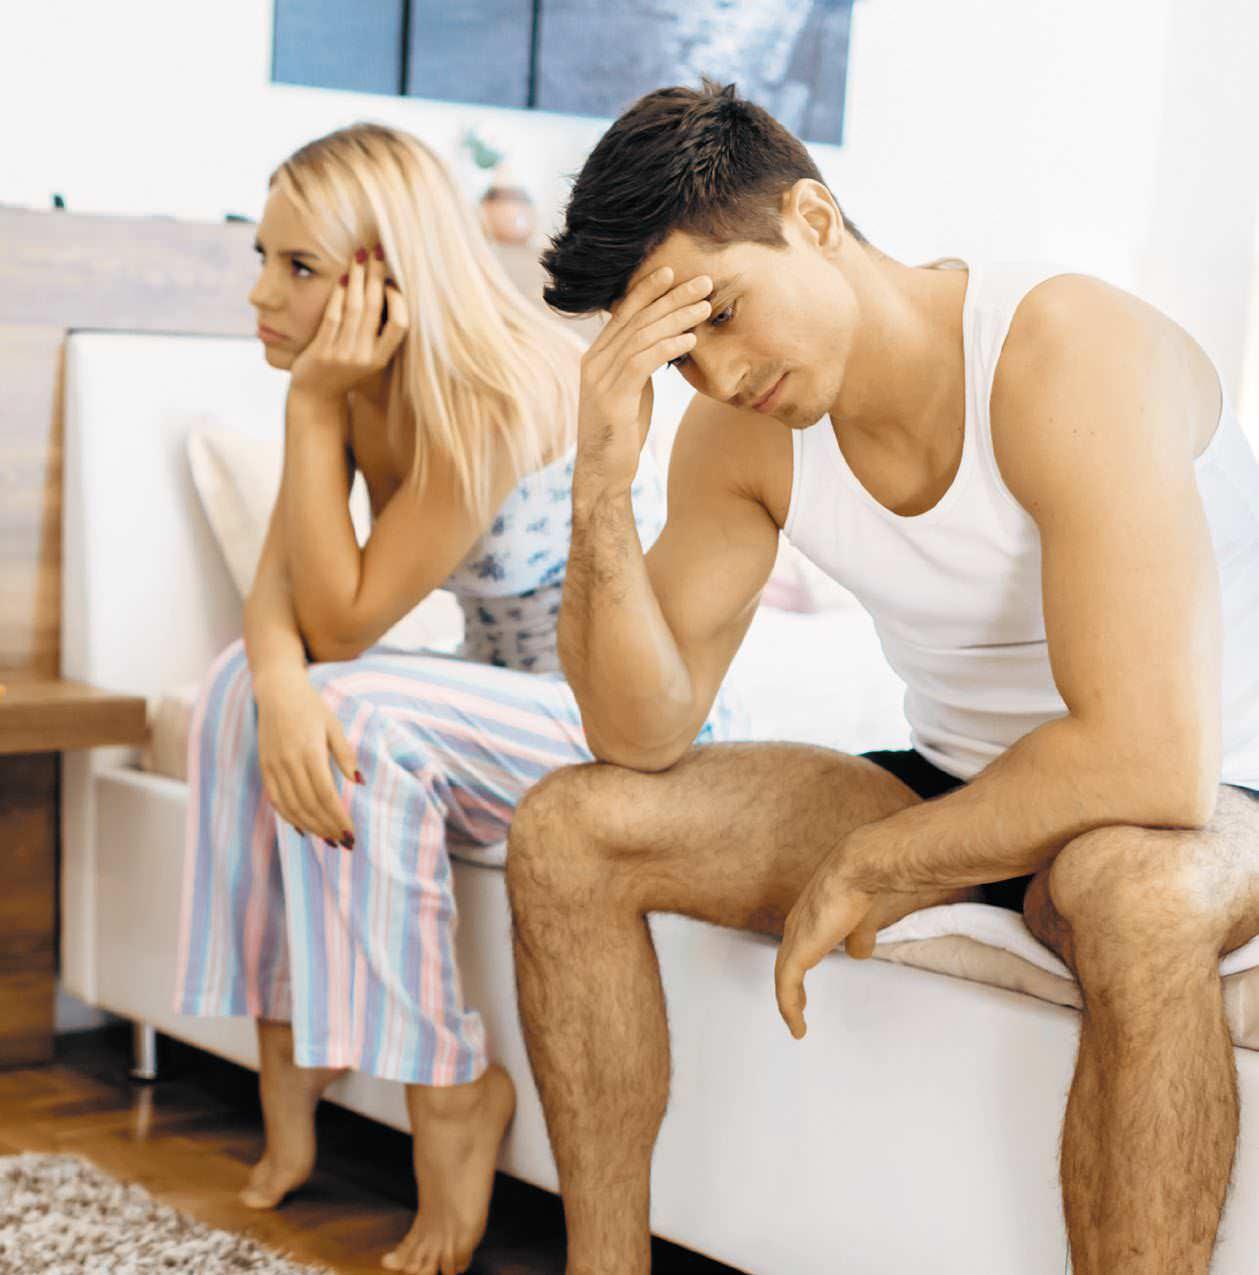 Реальные истории о сексе втроем с двумя девушками